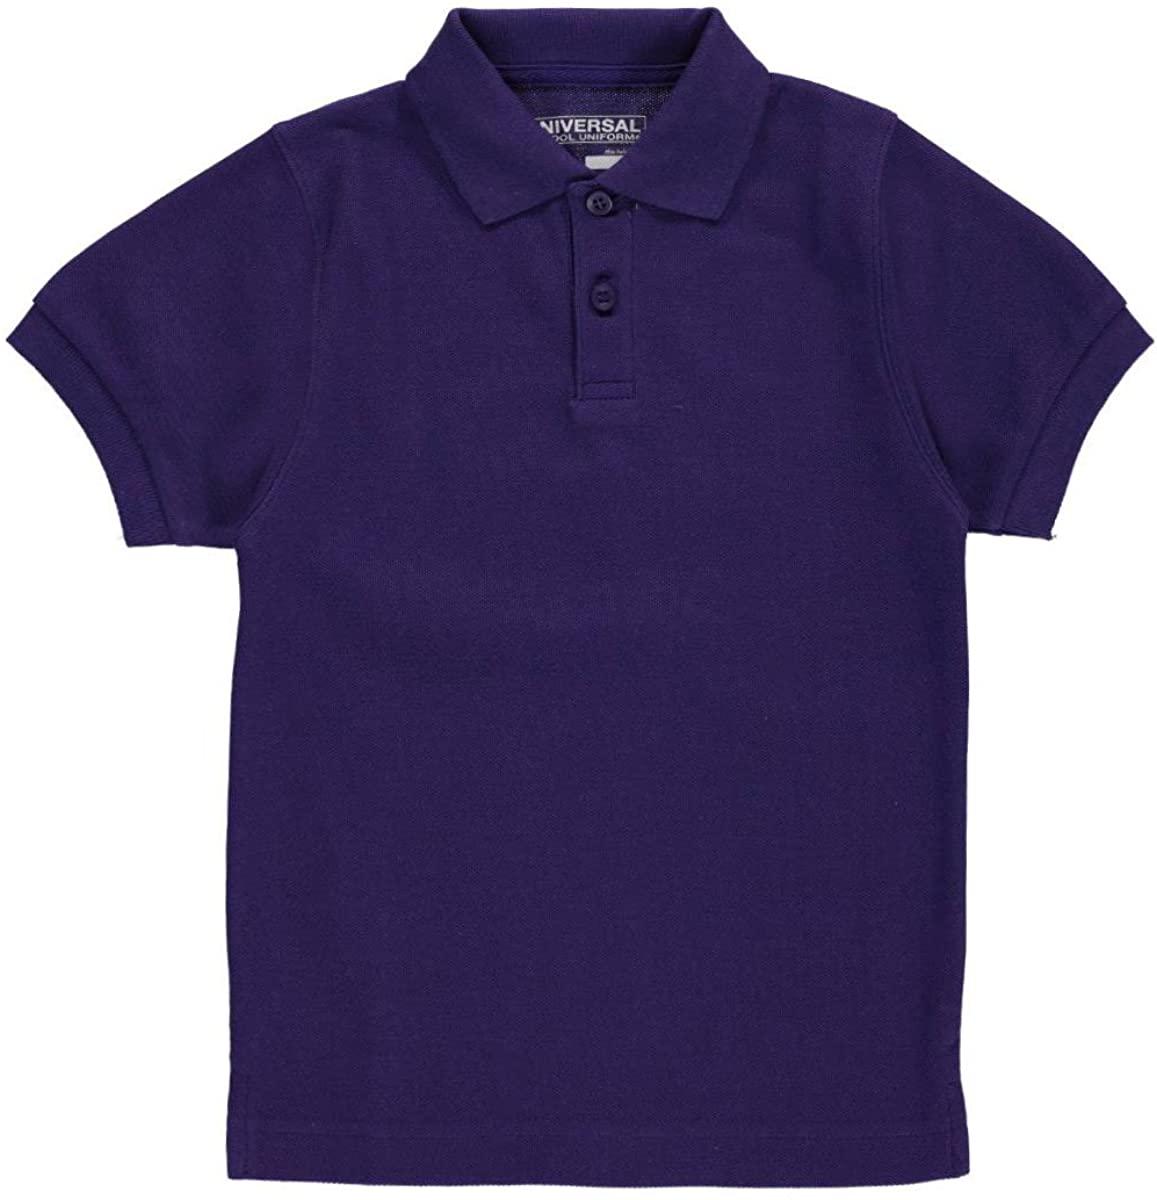 Universal Unisex S/S Pique Polo - Purple, 3t